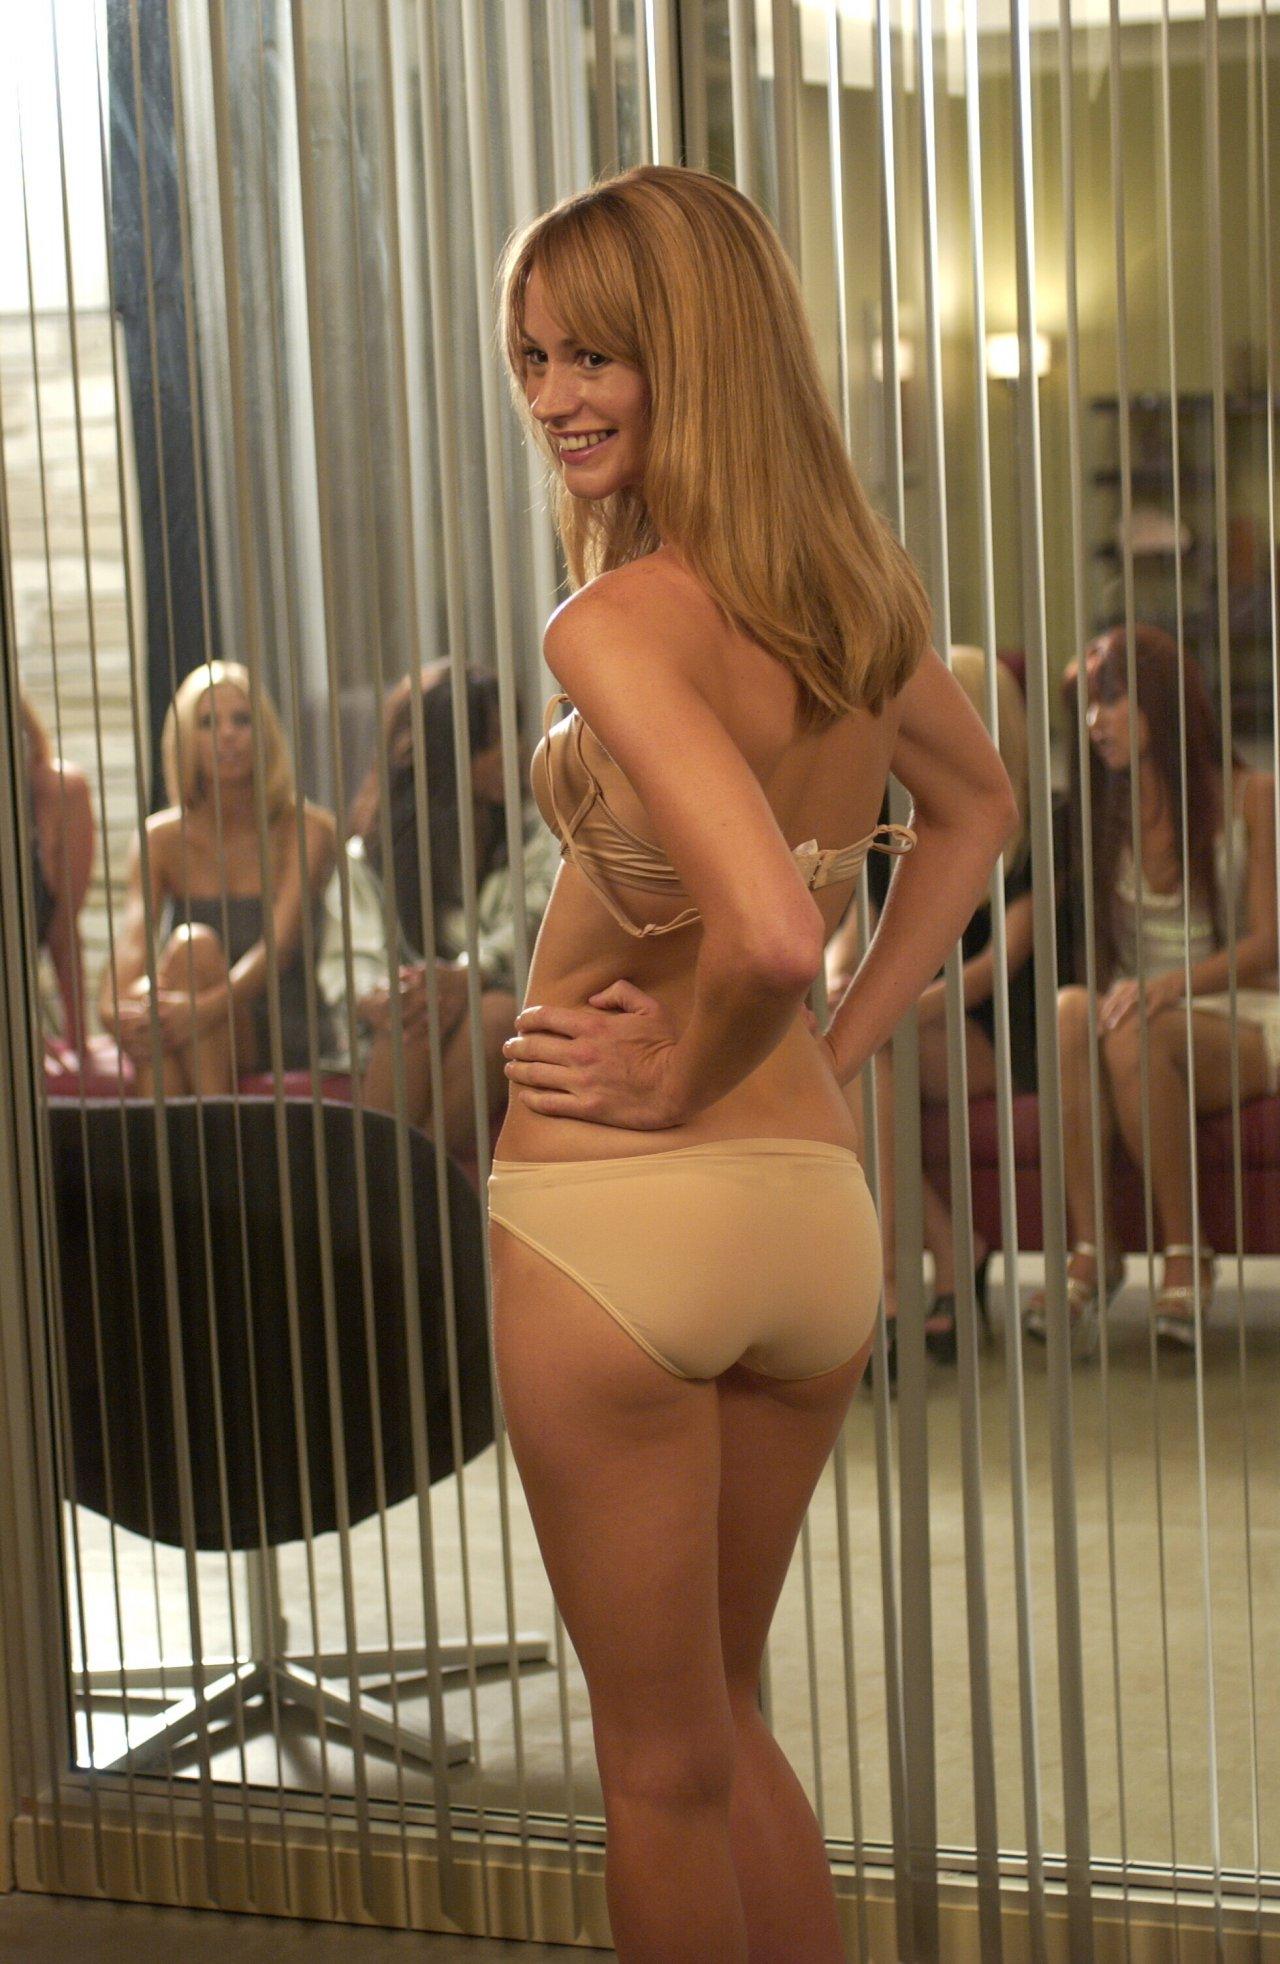 Cameron Richardson Movies And Tv Shows actress hollywood photos: cameron richardson - wallpaper hot